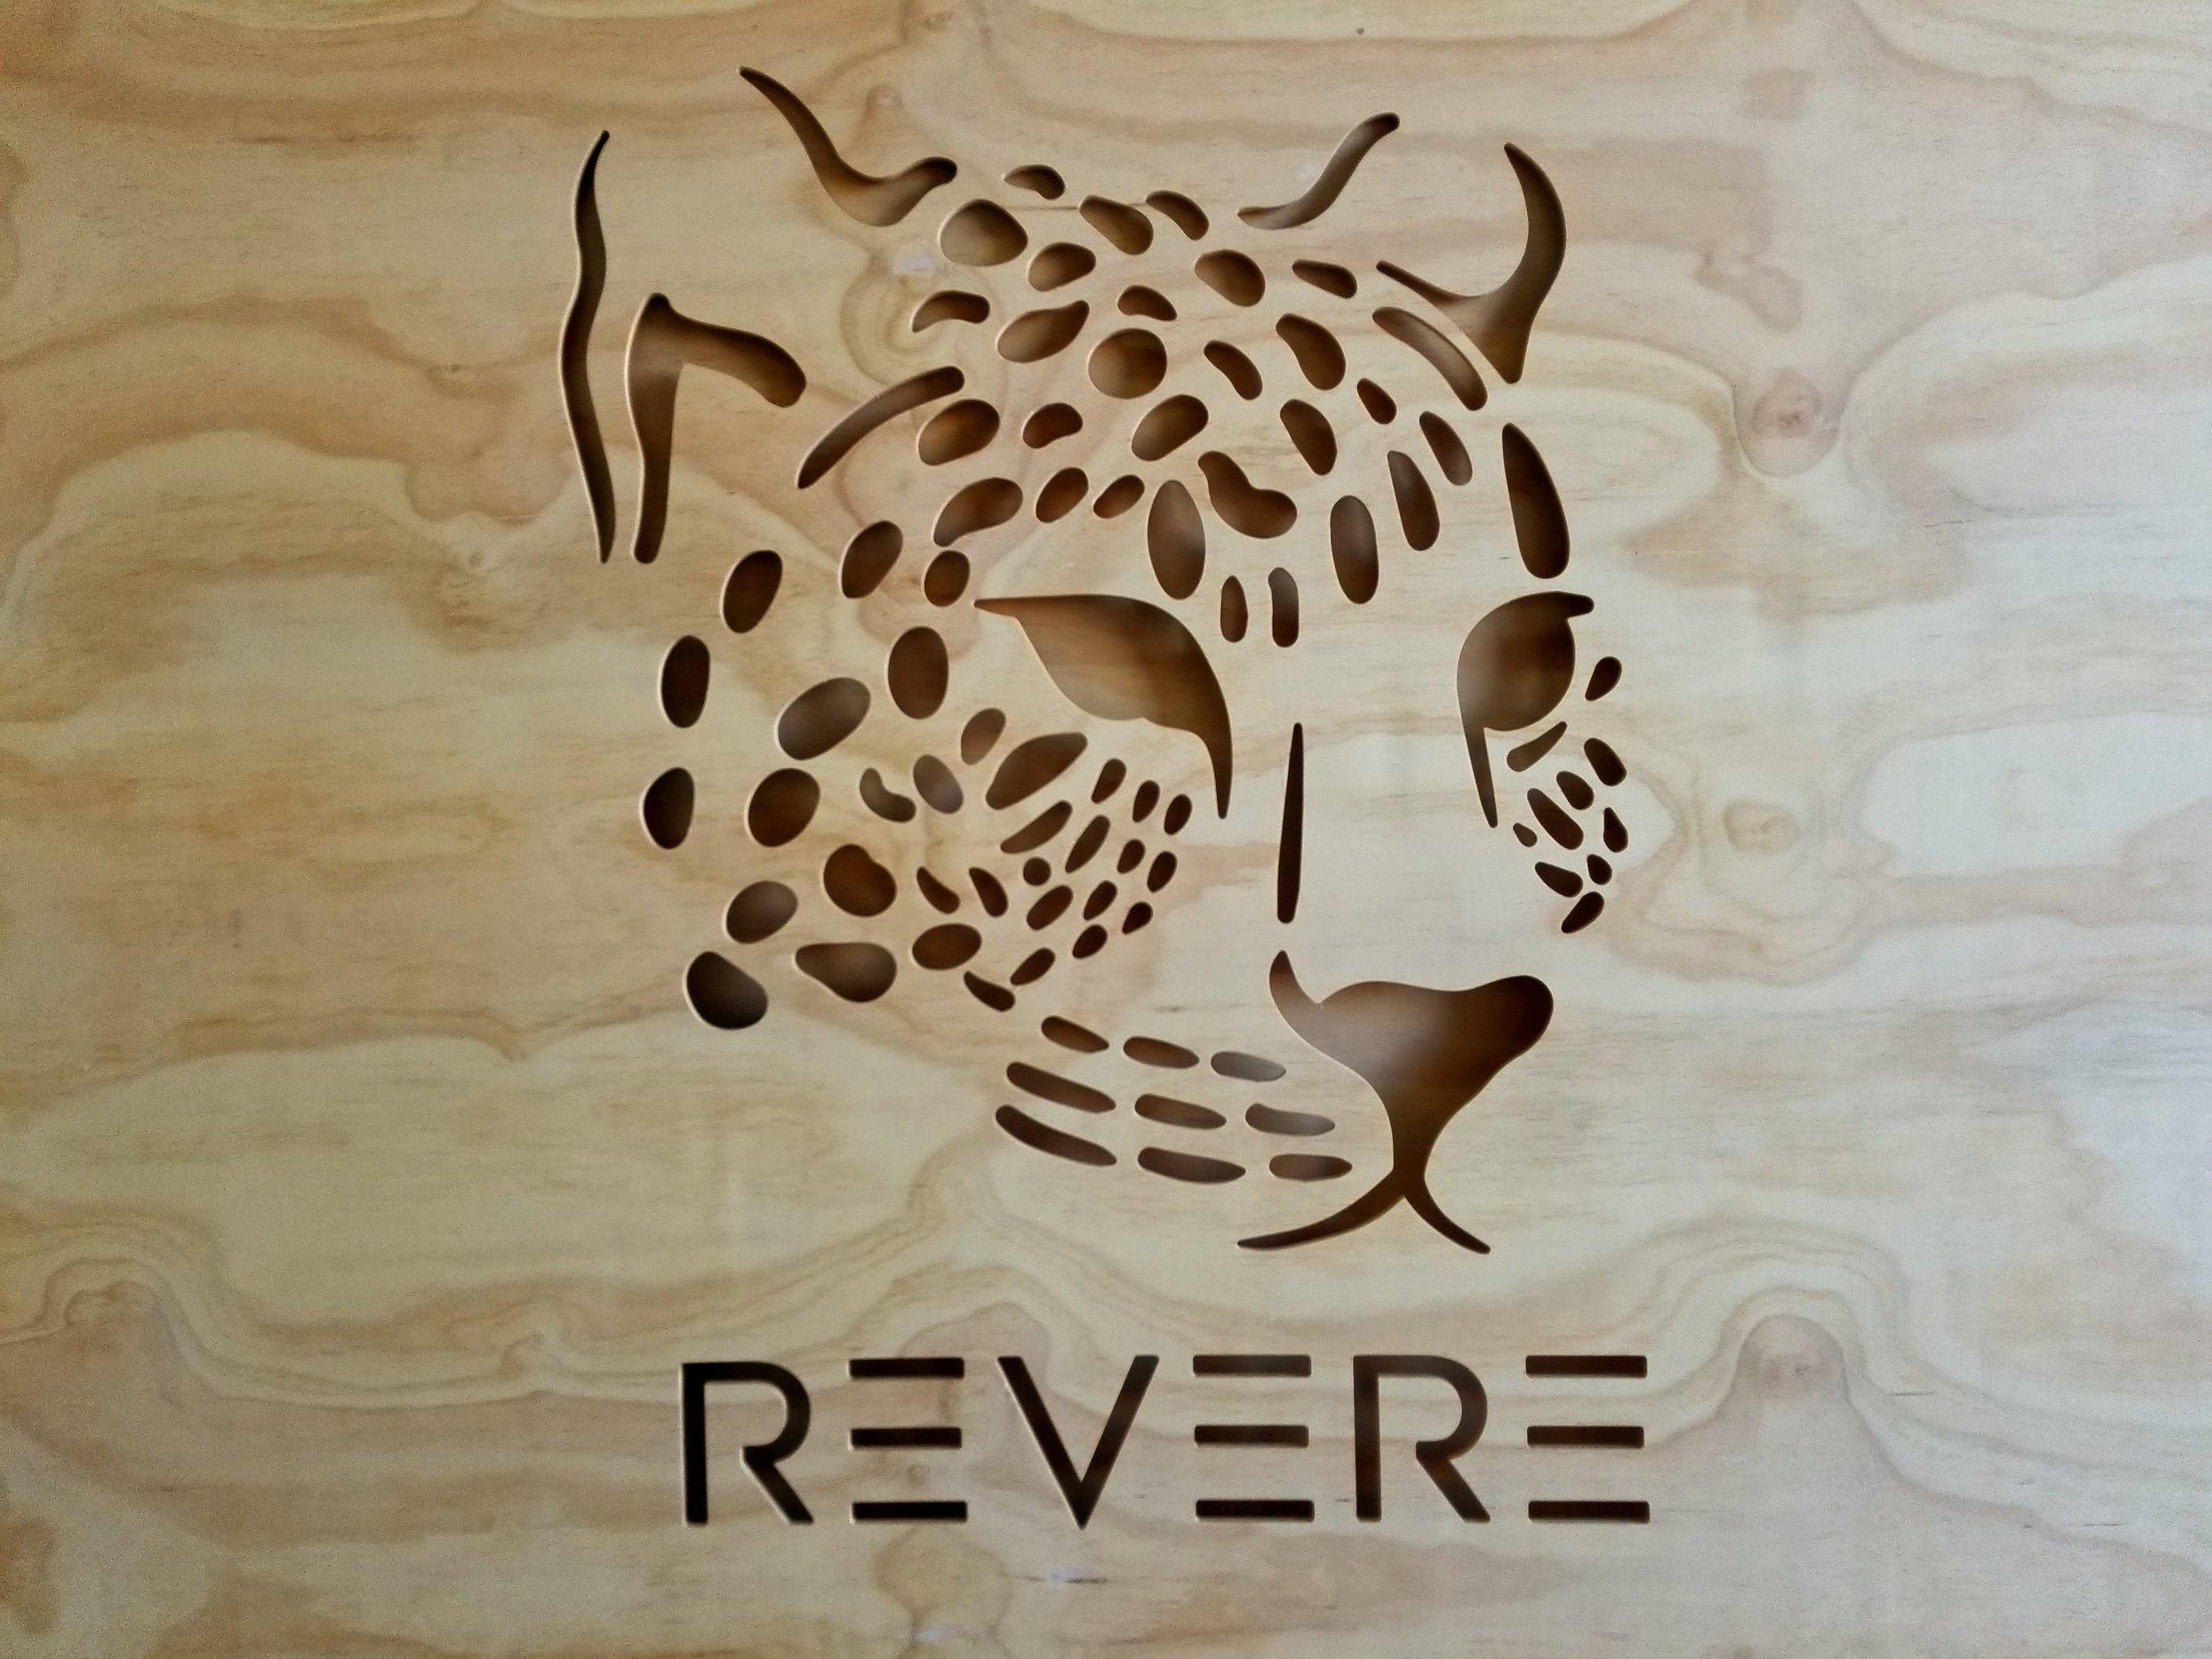 Revere Tiger laser cut.jpg